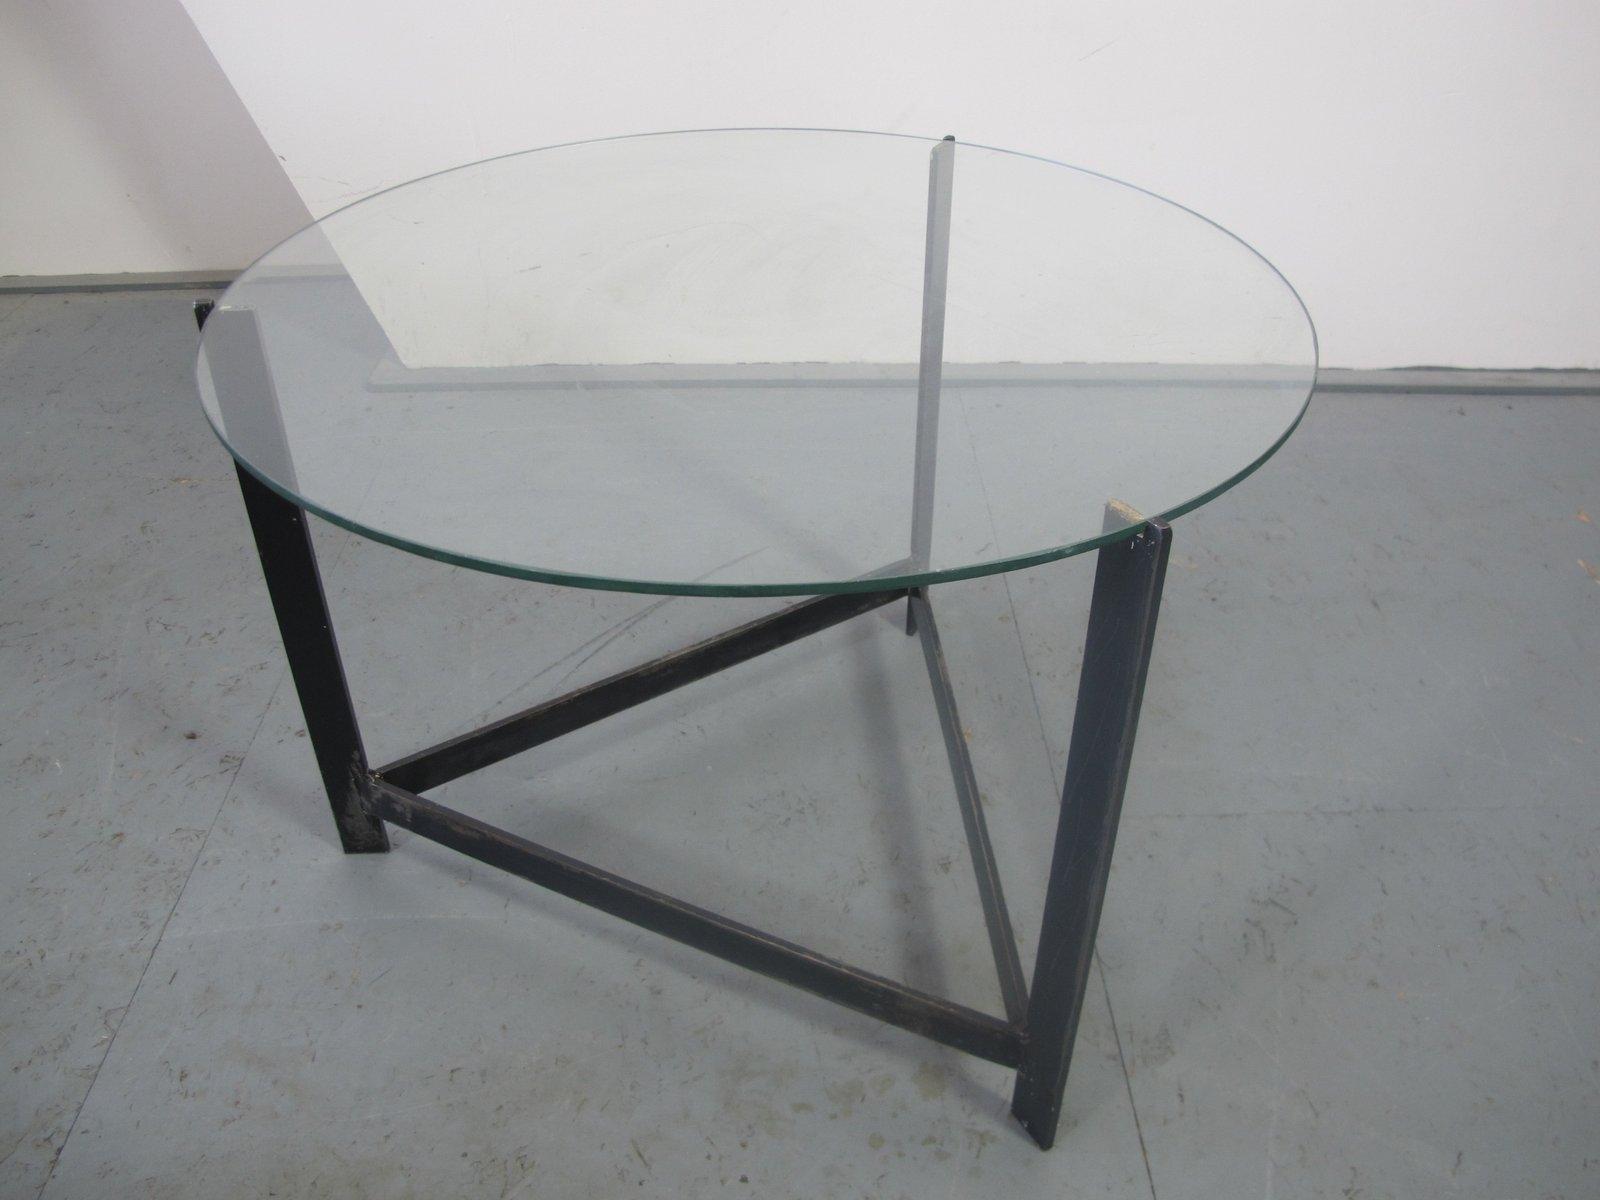 Tavolini In Vetro E Acciaio : Tavolino in acciaio vetro e vimini anni 60 in vendita su pamono